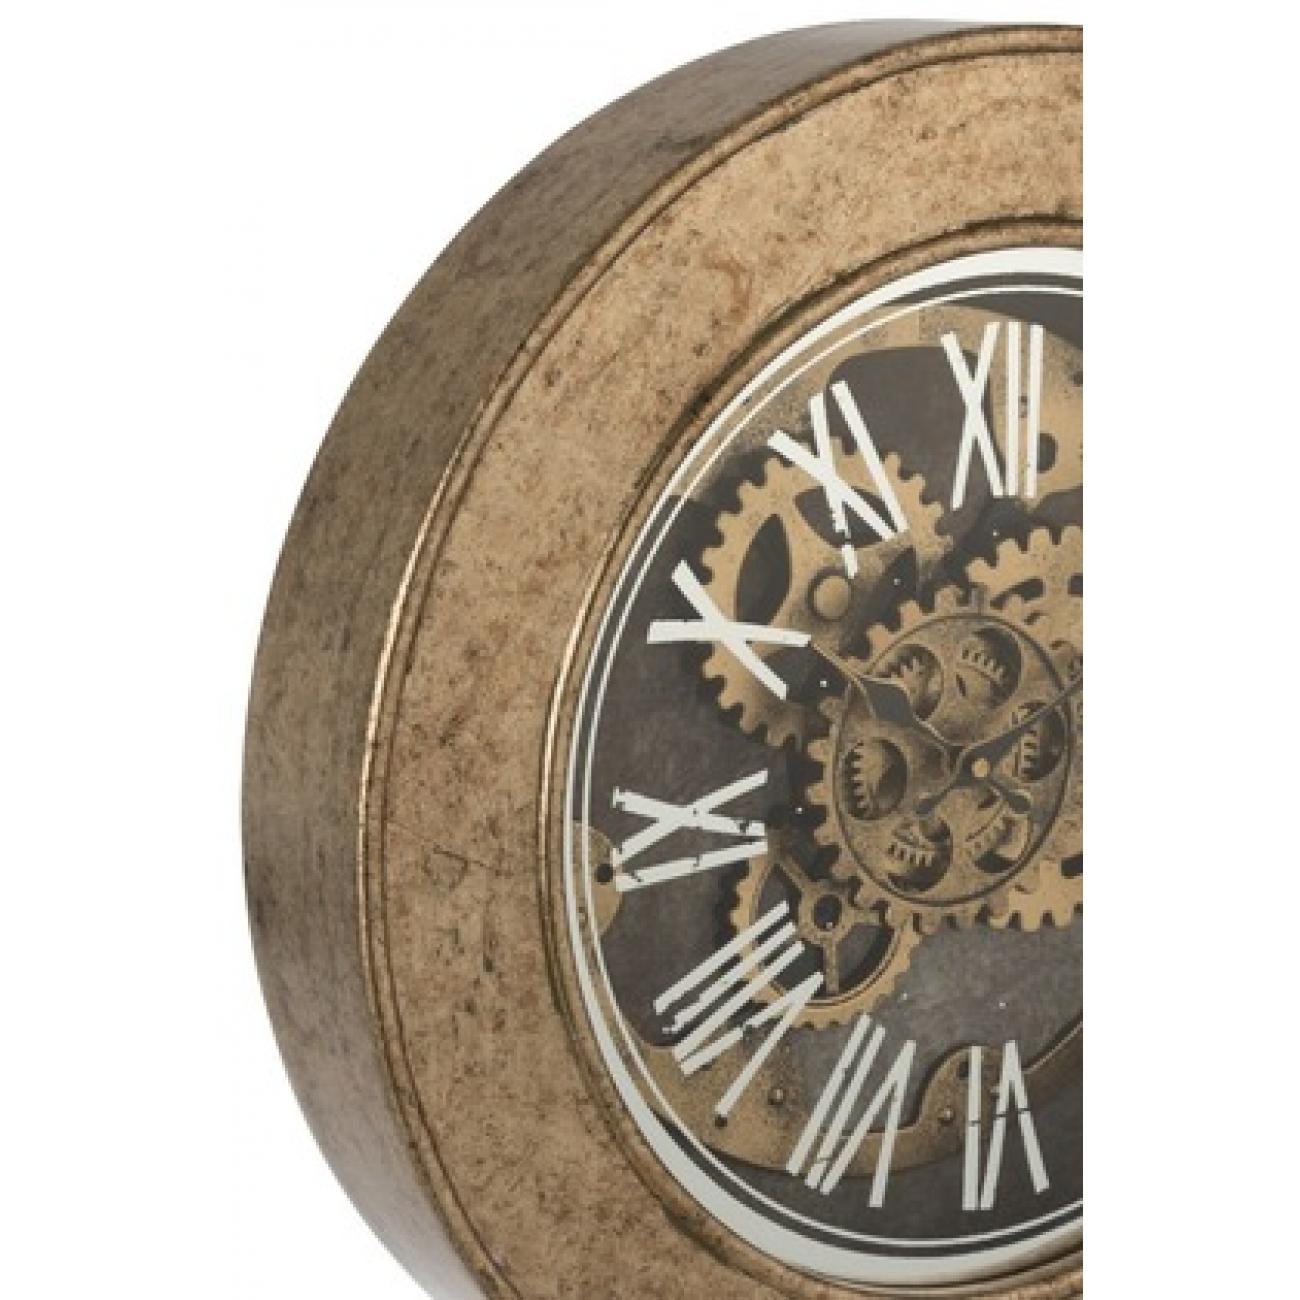 Настенные часы  J-LINE круглые в деревянной основе с видимым часовым механизмом диаметр 50 см